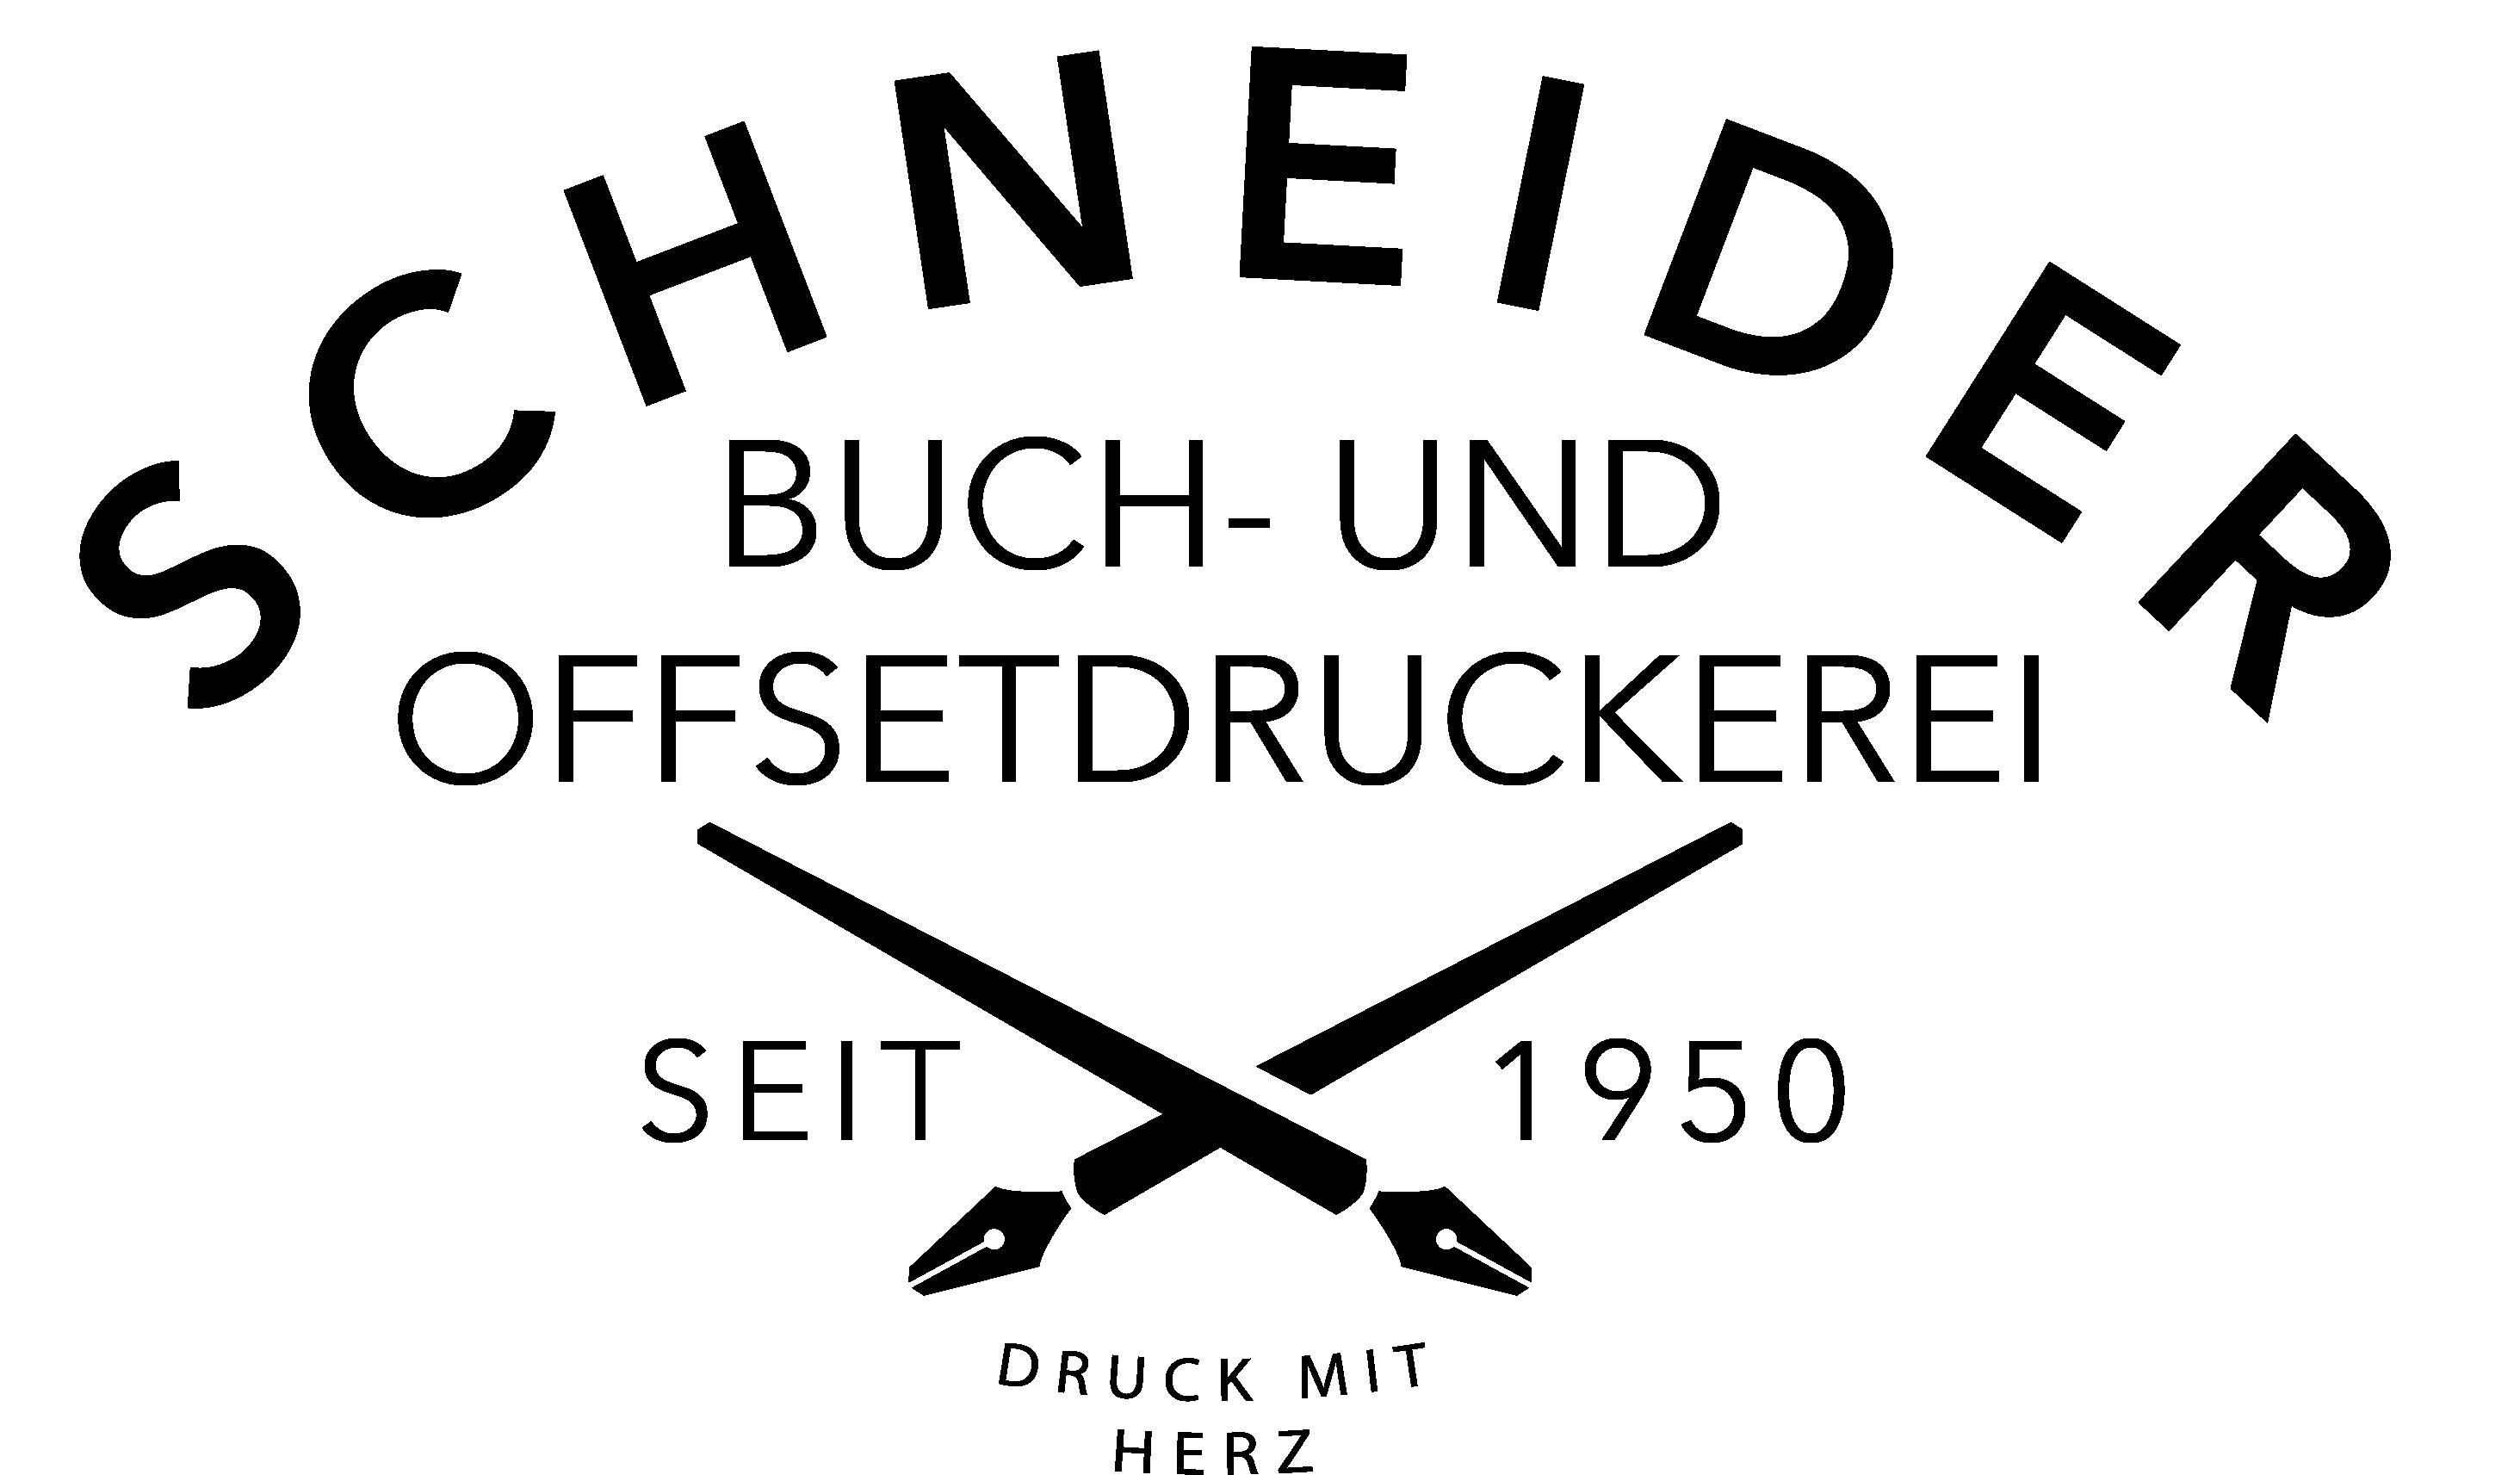 Logo von Jürgen Schneider Buch- und Offsetdruckerei GmbH